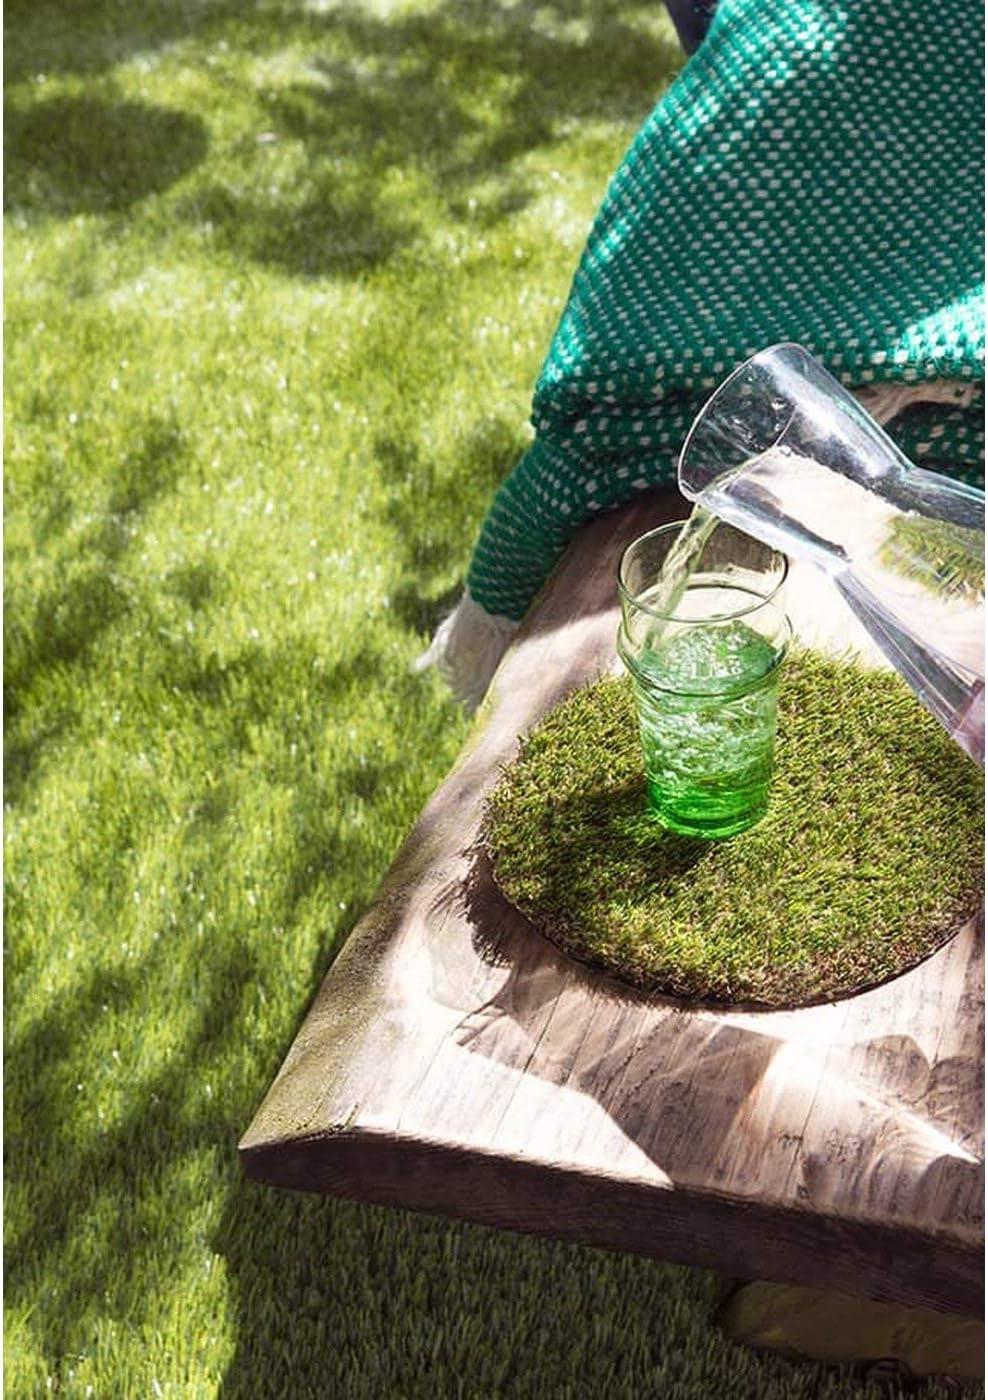 Wasserdurchl/ässiger Kunstrasen f/ür Balkon Terrasse und Garten Kunststoffrasen Kunstrasen Rasenteppich Meterware Arizona mit Drainage Florh/öhe 30mm Rollrasen UV-Best/ändiger 2,50m x 3,50m